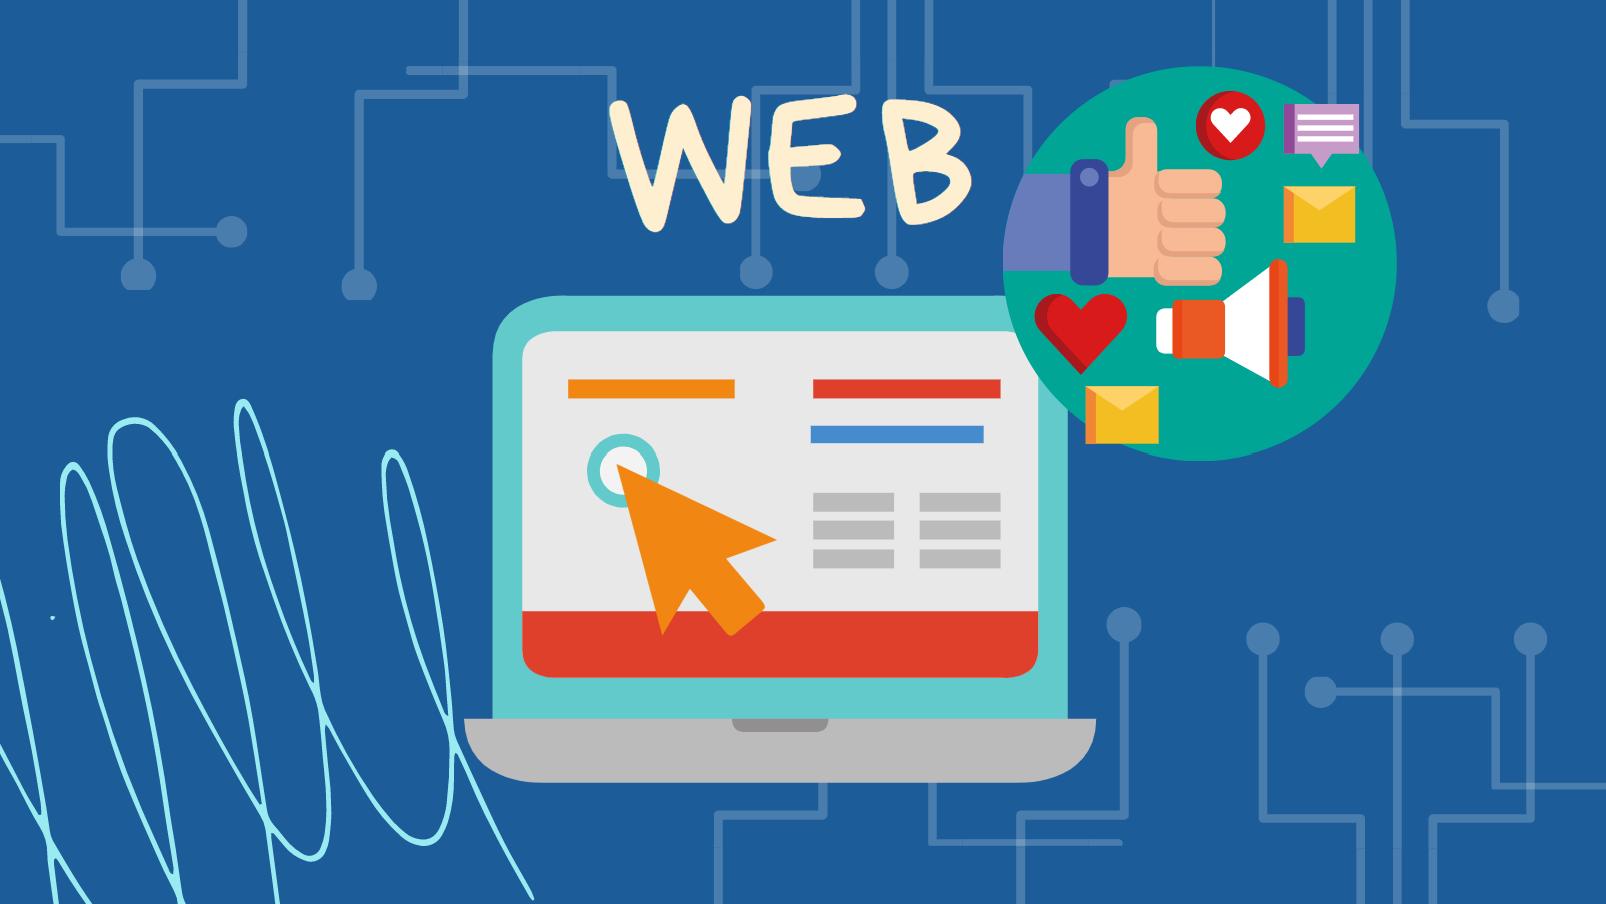 【WEB広告】とは?WEB広告の種類やメリットをわかりやすく解説!